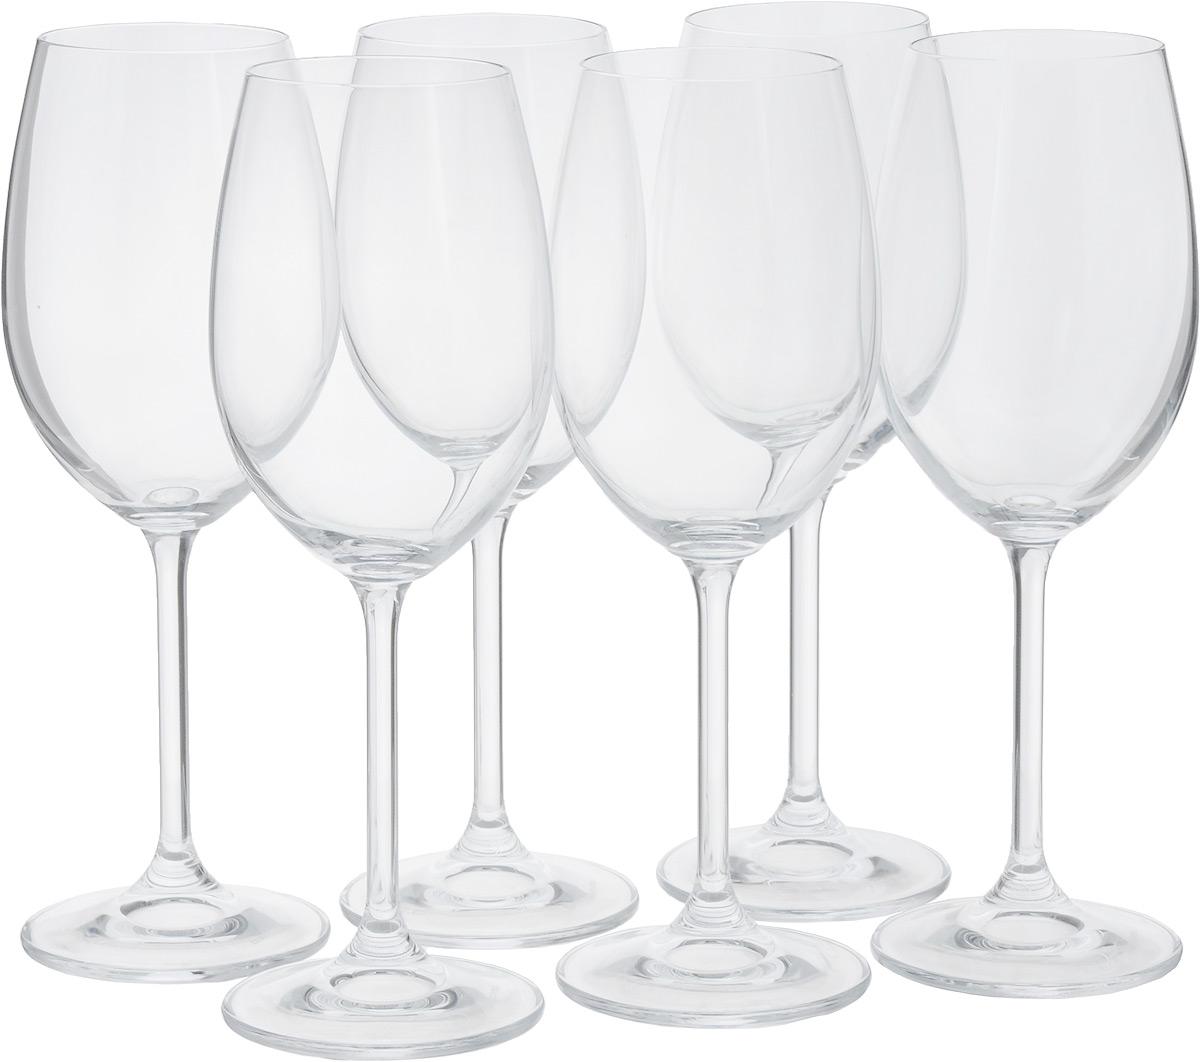 Набор бокалов для белого вина Tescoma Charlie, 350 мл, 6шт306420Набор Tescoma Charlie состоит из 6 бокалов, выполненных из прочного натрий-кальций-силикатного стекла. Изделия оснащены высокими ножками и предназначены для подачи белого вина. Они сочетают в себе элегантный дизайн и функциональность. Набор бокалов Tescoma Charlie прекрасно оформит праздничный стол и создаст приятную атмосферу за романтическим ужином. Такой набор также станет хорошим подарком к любому случаю. Можно мыть в посудомоечной машине.Высота бокала: 22 см.Диаметр бокала (по верхнему краю): 6 см.